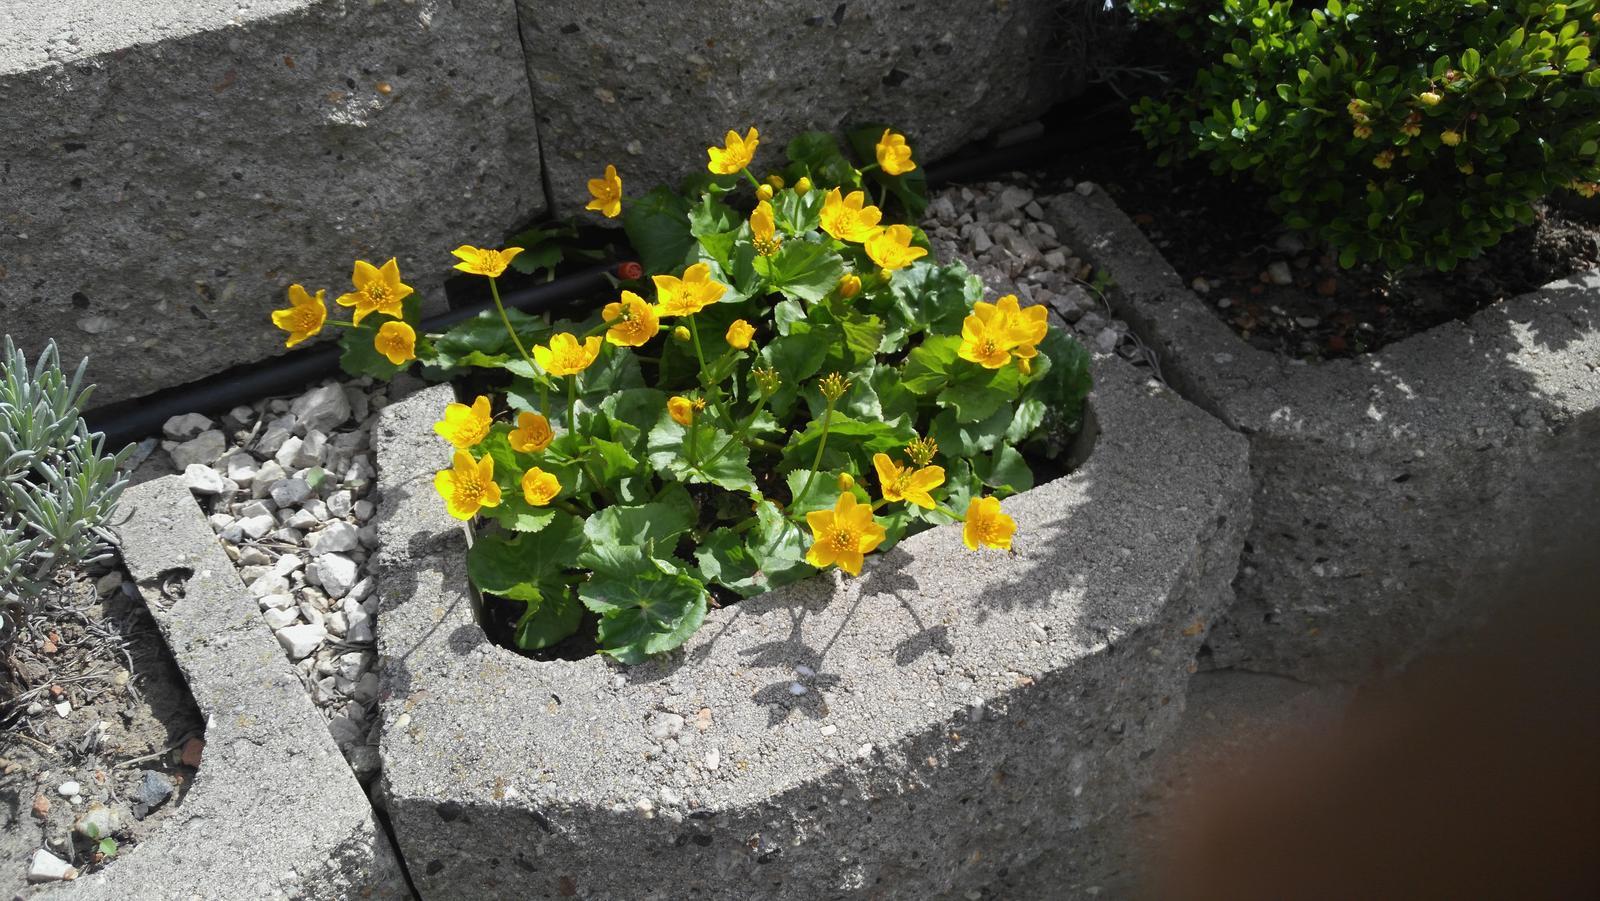 07 Vegetačný oporný múr sa na jar prebúdza ( rozšírené 19.6.2020 ) - 2020 04 14 Blatúch sa prebudil prvý